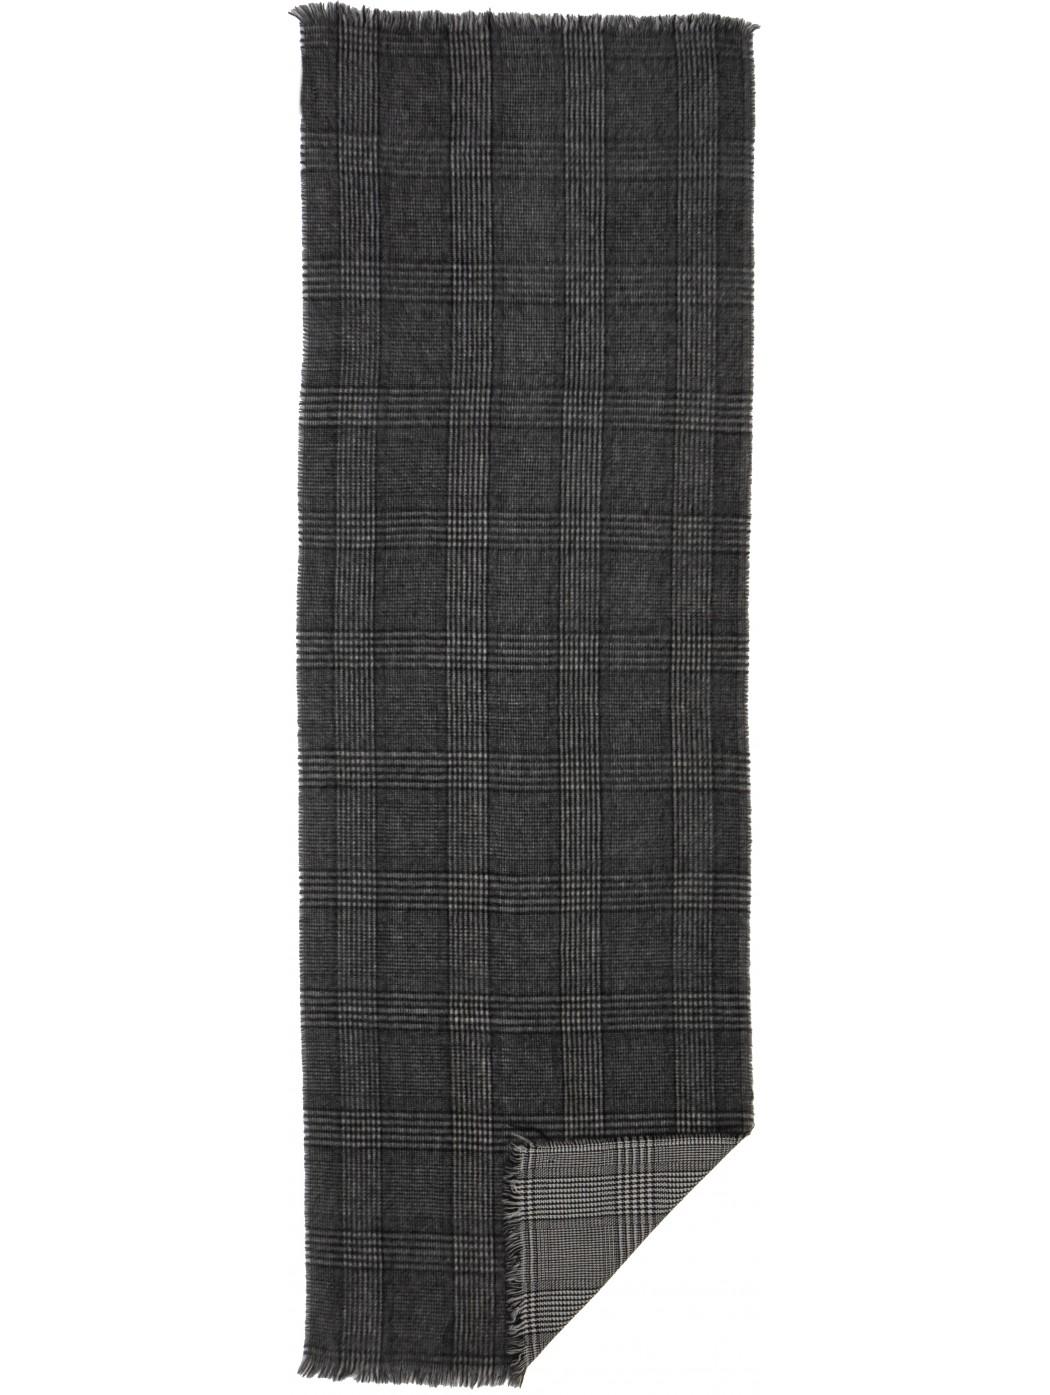 SCIARPA 50X180 ALTEA 2060295 1